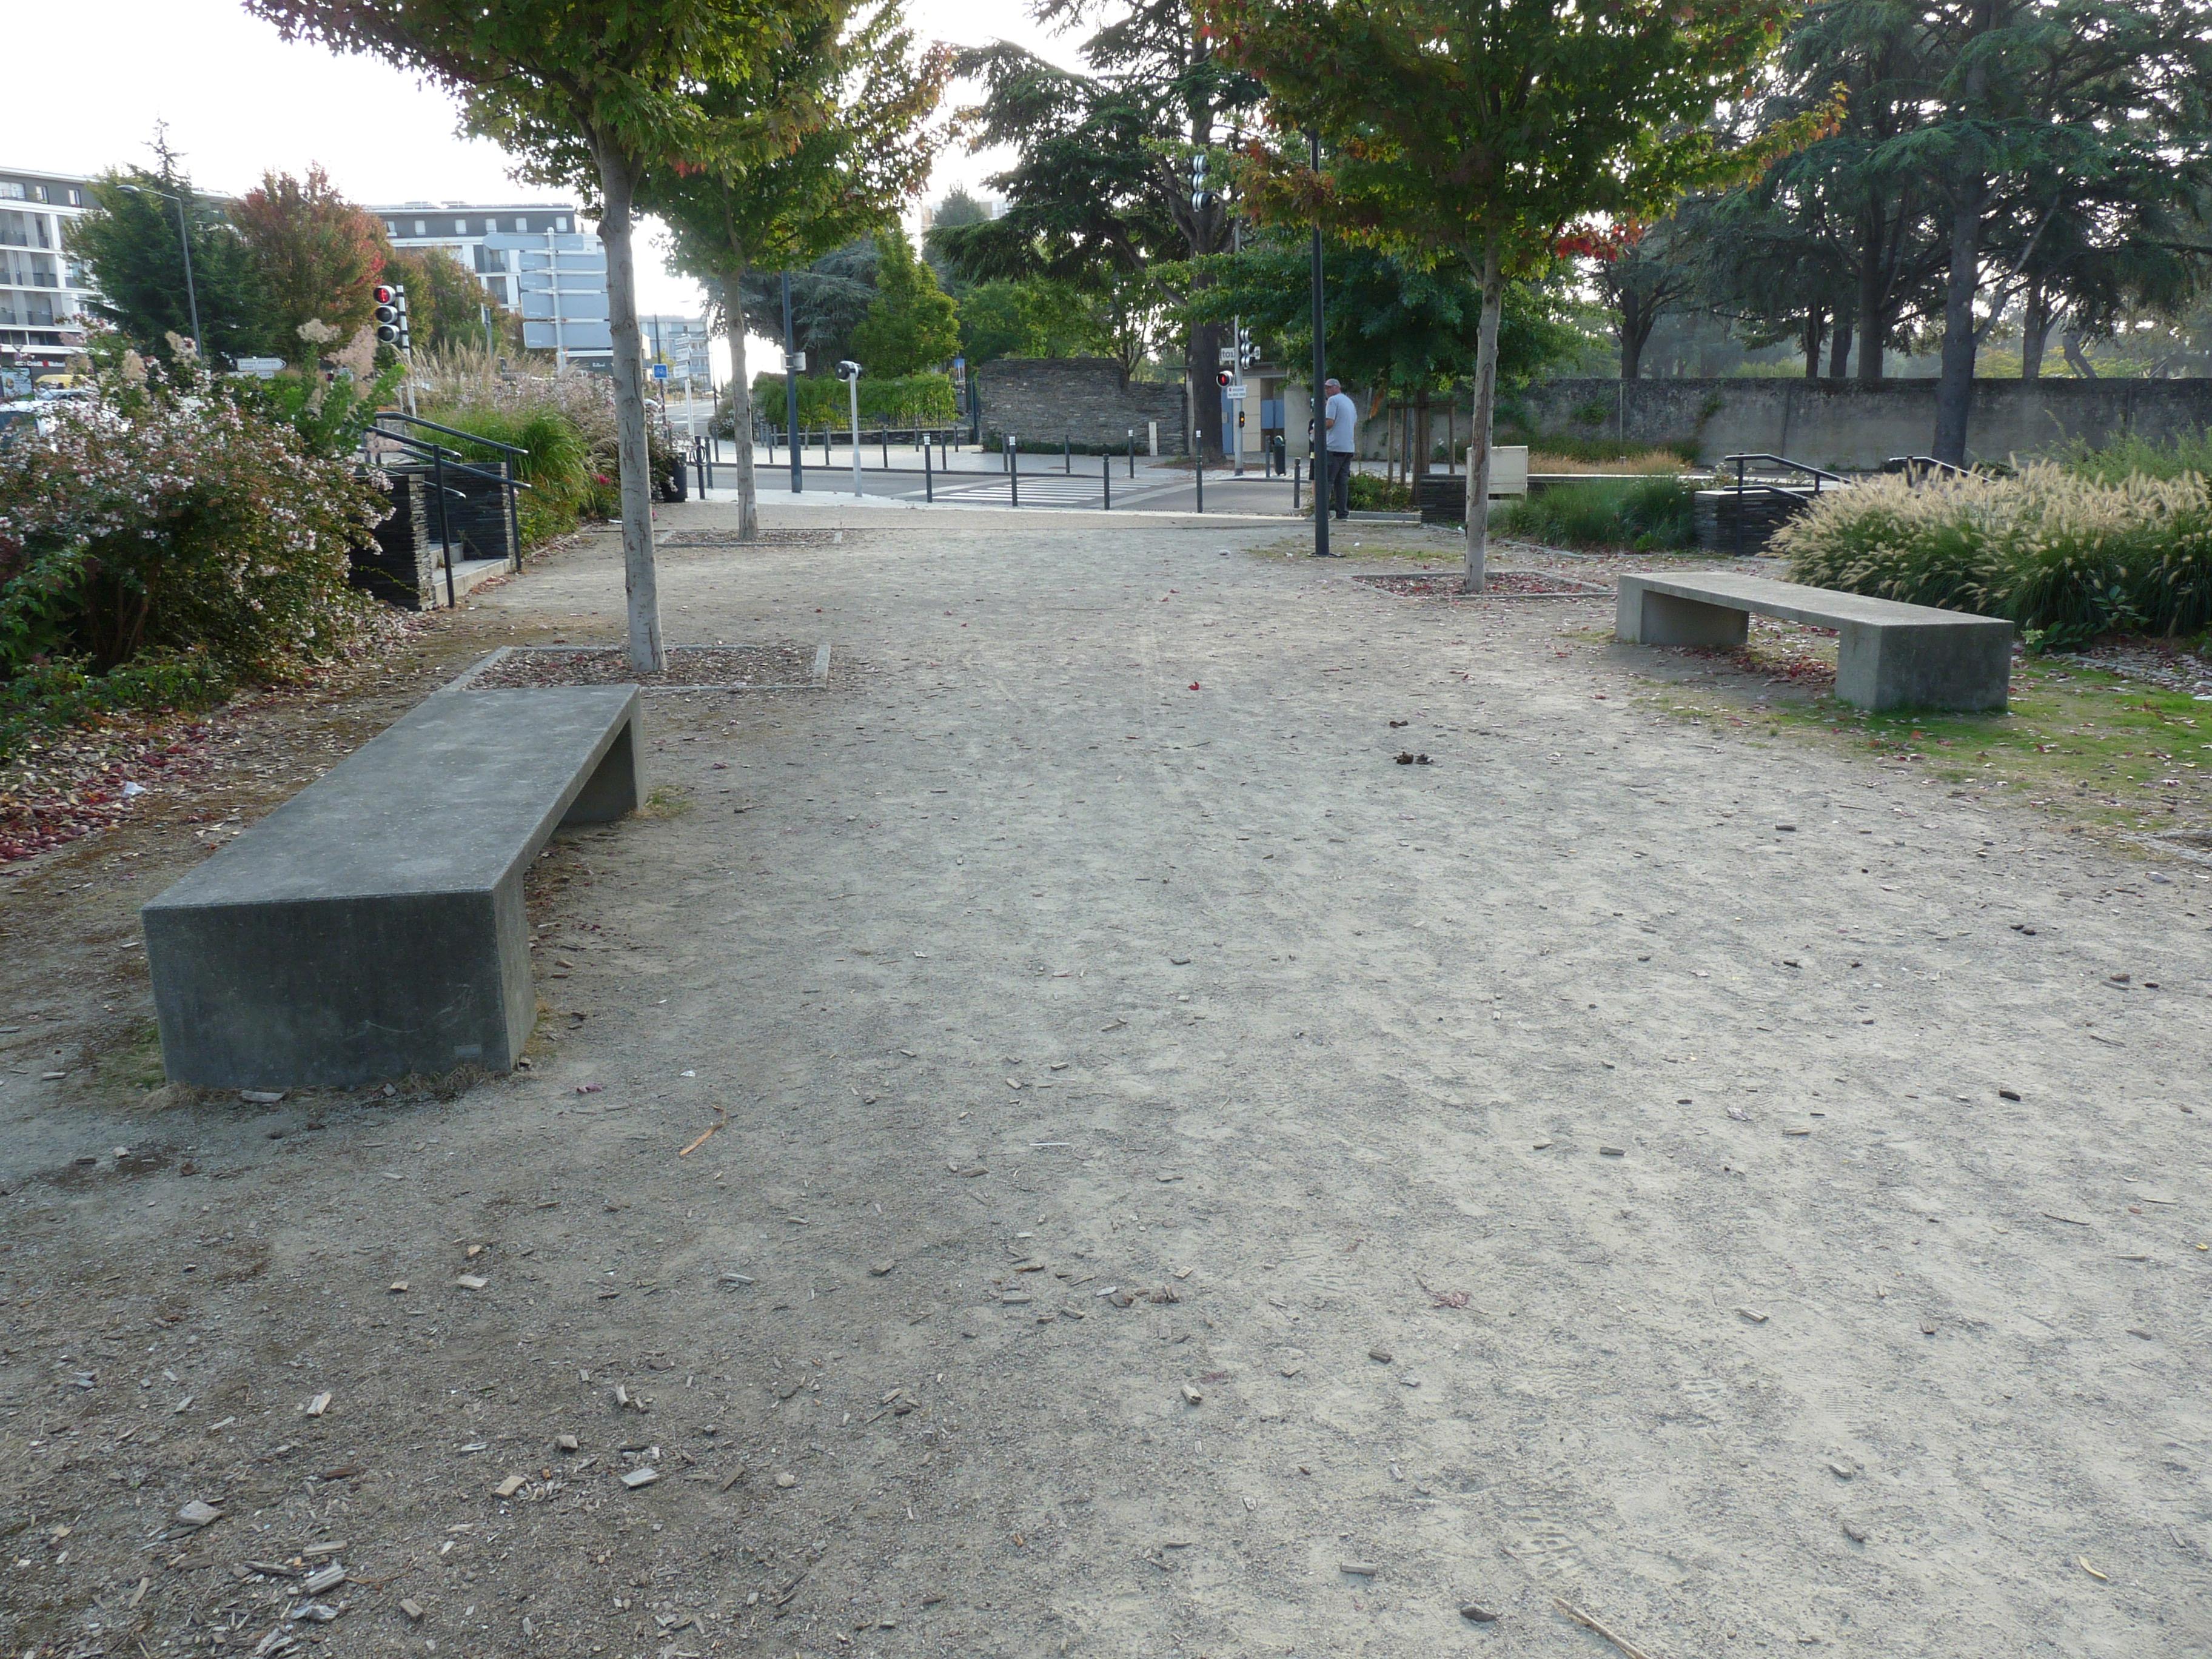 banc en pierre reconstituée - charte du paysage urbain - angers